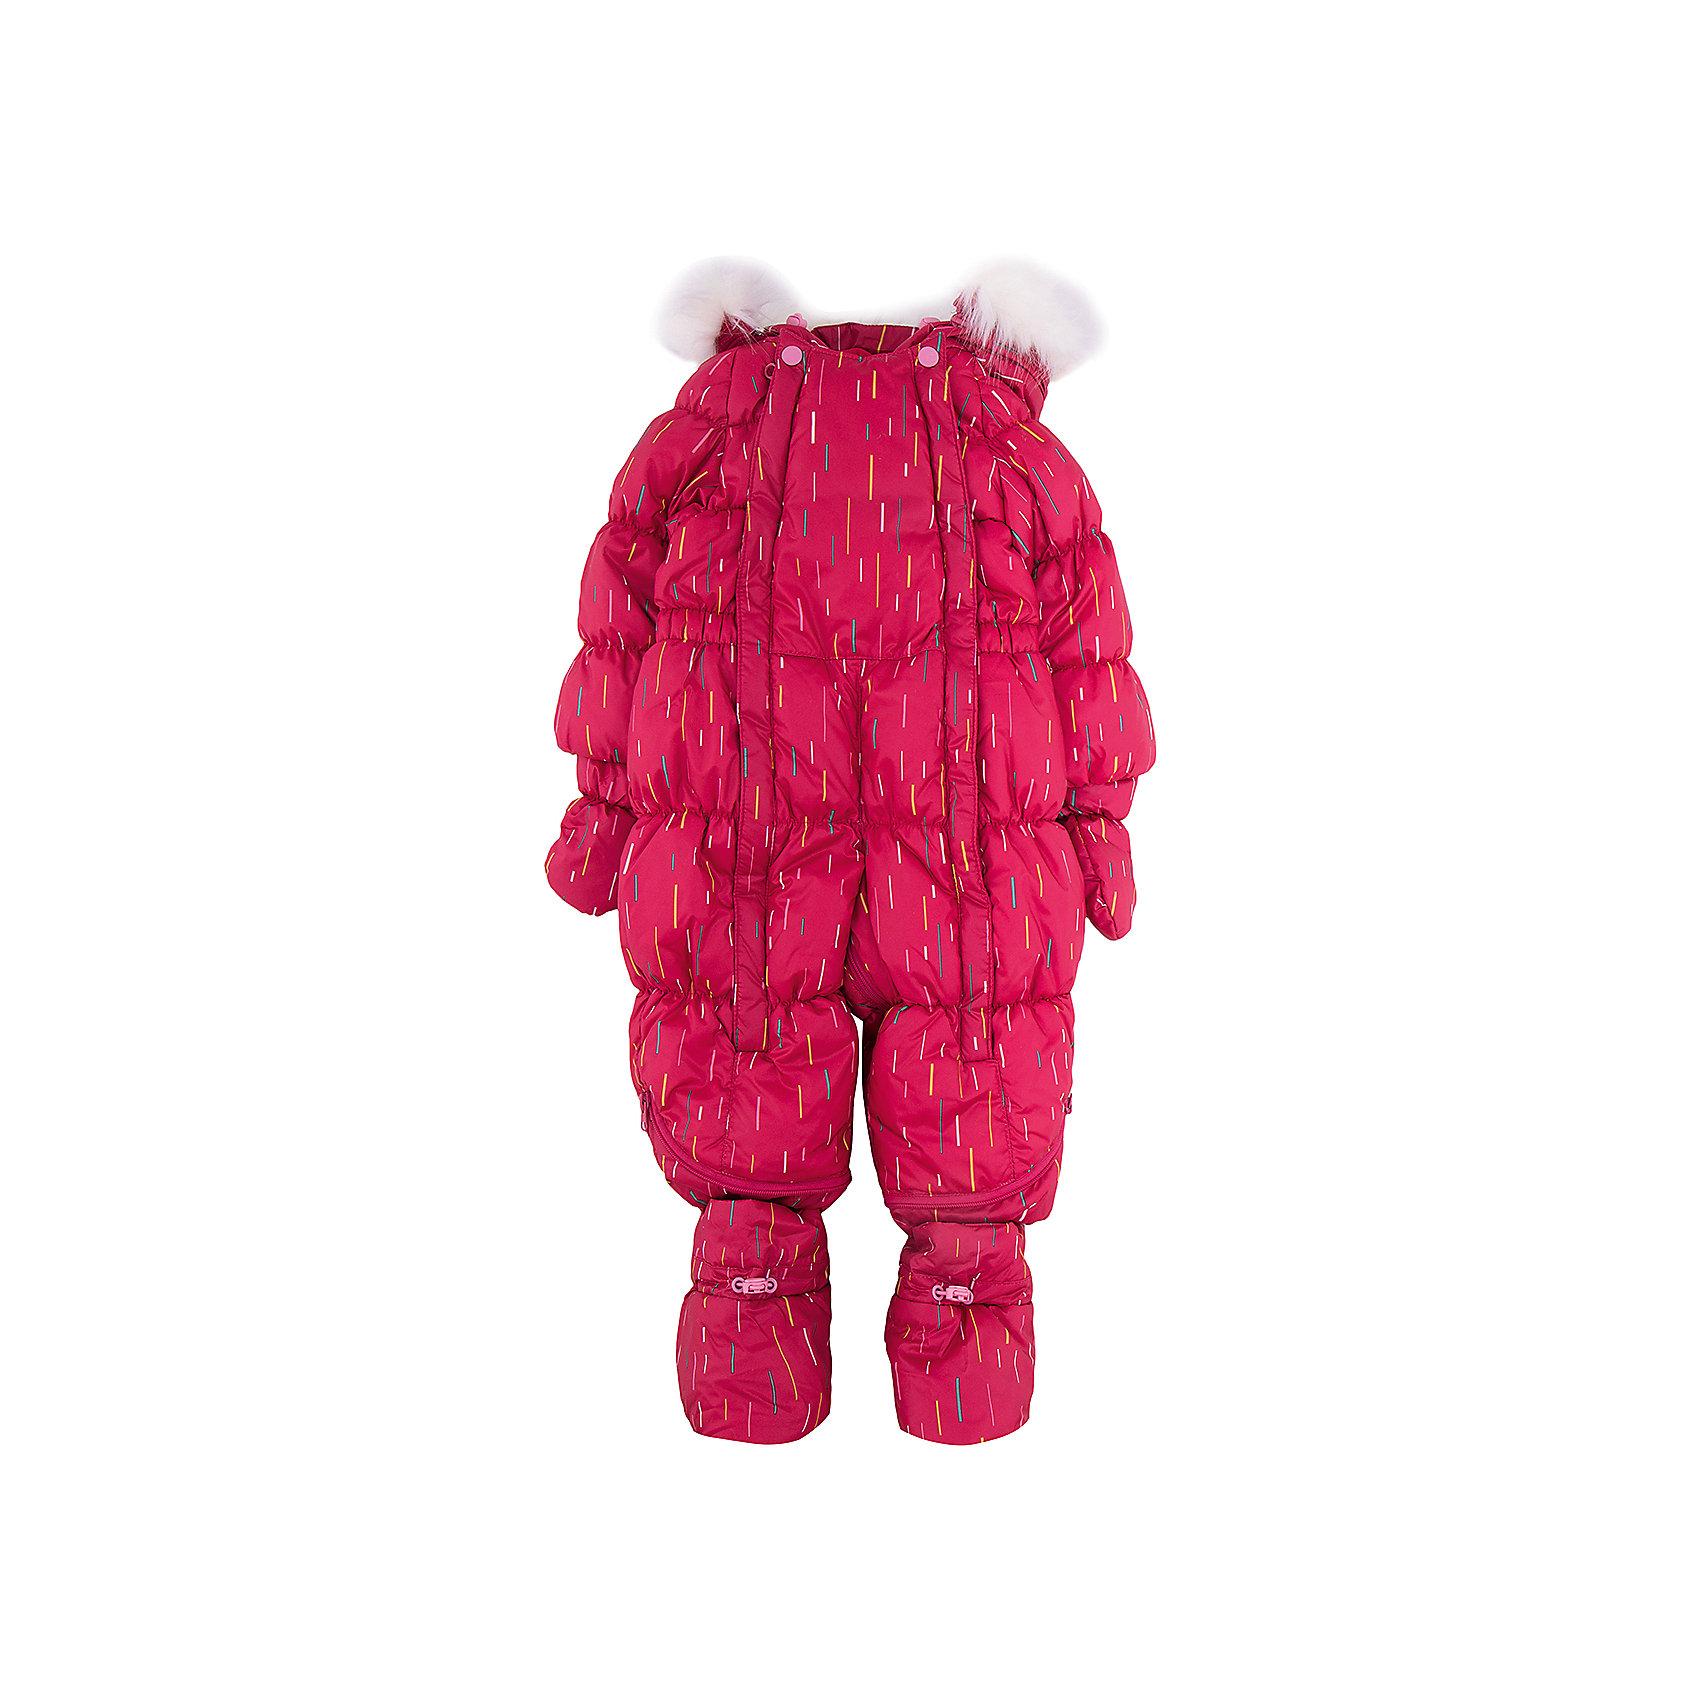 Комбинезон-трансформер Дождик OLDOS для девочкиВерхняя одежда<br>Характеристики товара:<br><br>• цвет: малиновый<br>• состав ткани: 100% полиэстер, пропитка PU, Teflon<br>• подкладка: хлопок<br>• утеплитель: искусственный лебяжий пух<br>• сезон: зима<br>• температурный режим: от -35 до 0<br>• застежка: молния<br>• капюшон: с мехом, несъемный<br>• пинетки, варежки, опушка отстегиваются<br>• трансформируется в конверт<br>• страна бренда: Россия<br>• страна изготовитель: Россия<br><br>На этом детском комбинезоне-трансформере есть светоотражающие элементы, съемные эластичные штрипки, внутренние трикотажные манжеты в рукавах, он дополнен съемными пинетками и варежками. Верх детского комбинезона-трансформера усилен специальной пропиткой. Мягкая подкладка детского комбинезона для зимы приятна на ощупь.<br><br>Комбинезон-трансформер Дождик Oldos (Олдос) для девочки можно купить в нашем интернет-магазине.<br><br>Ширина мм: 356<br>Глубина мм: 10<br>Высота мм: 245<br>Вес г: 519<br>Цвет: розовый<br>Возраст от месяцев: 12<br>Возраст до месяцев: 18<br>Пол: Женский<br>Возраст: Детский<br>Размер: 86,68,74,80<br>SKU: 7016627